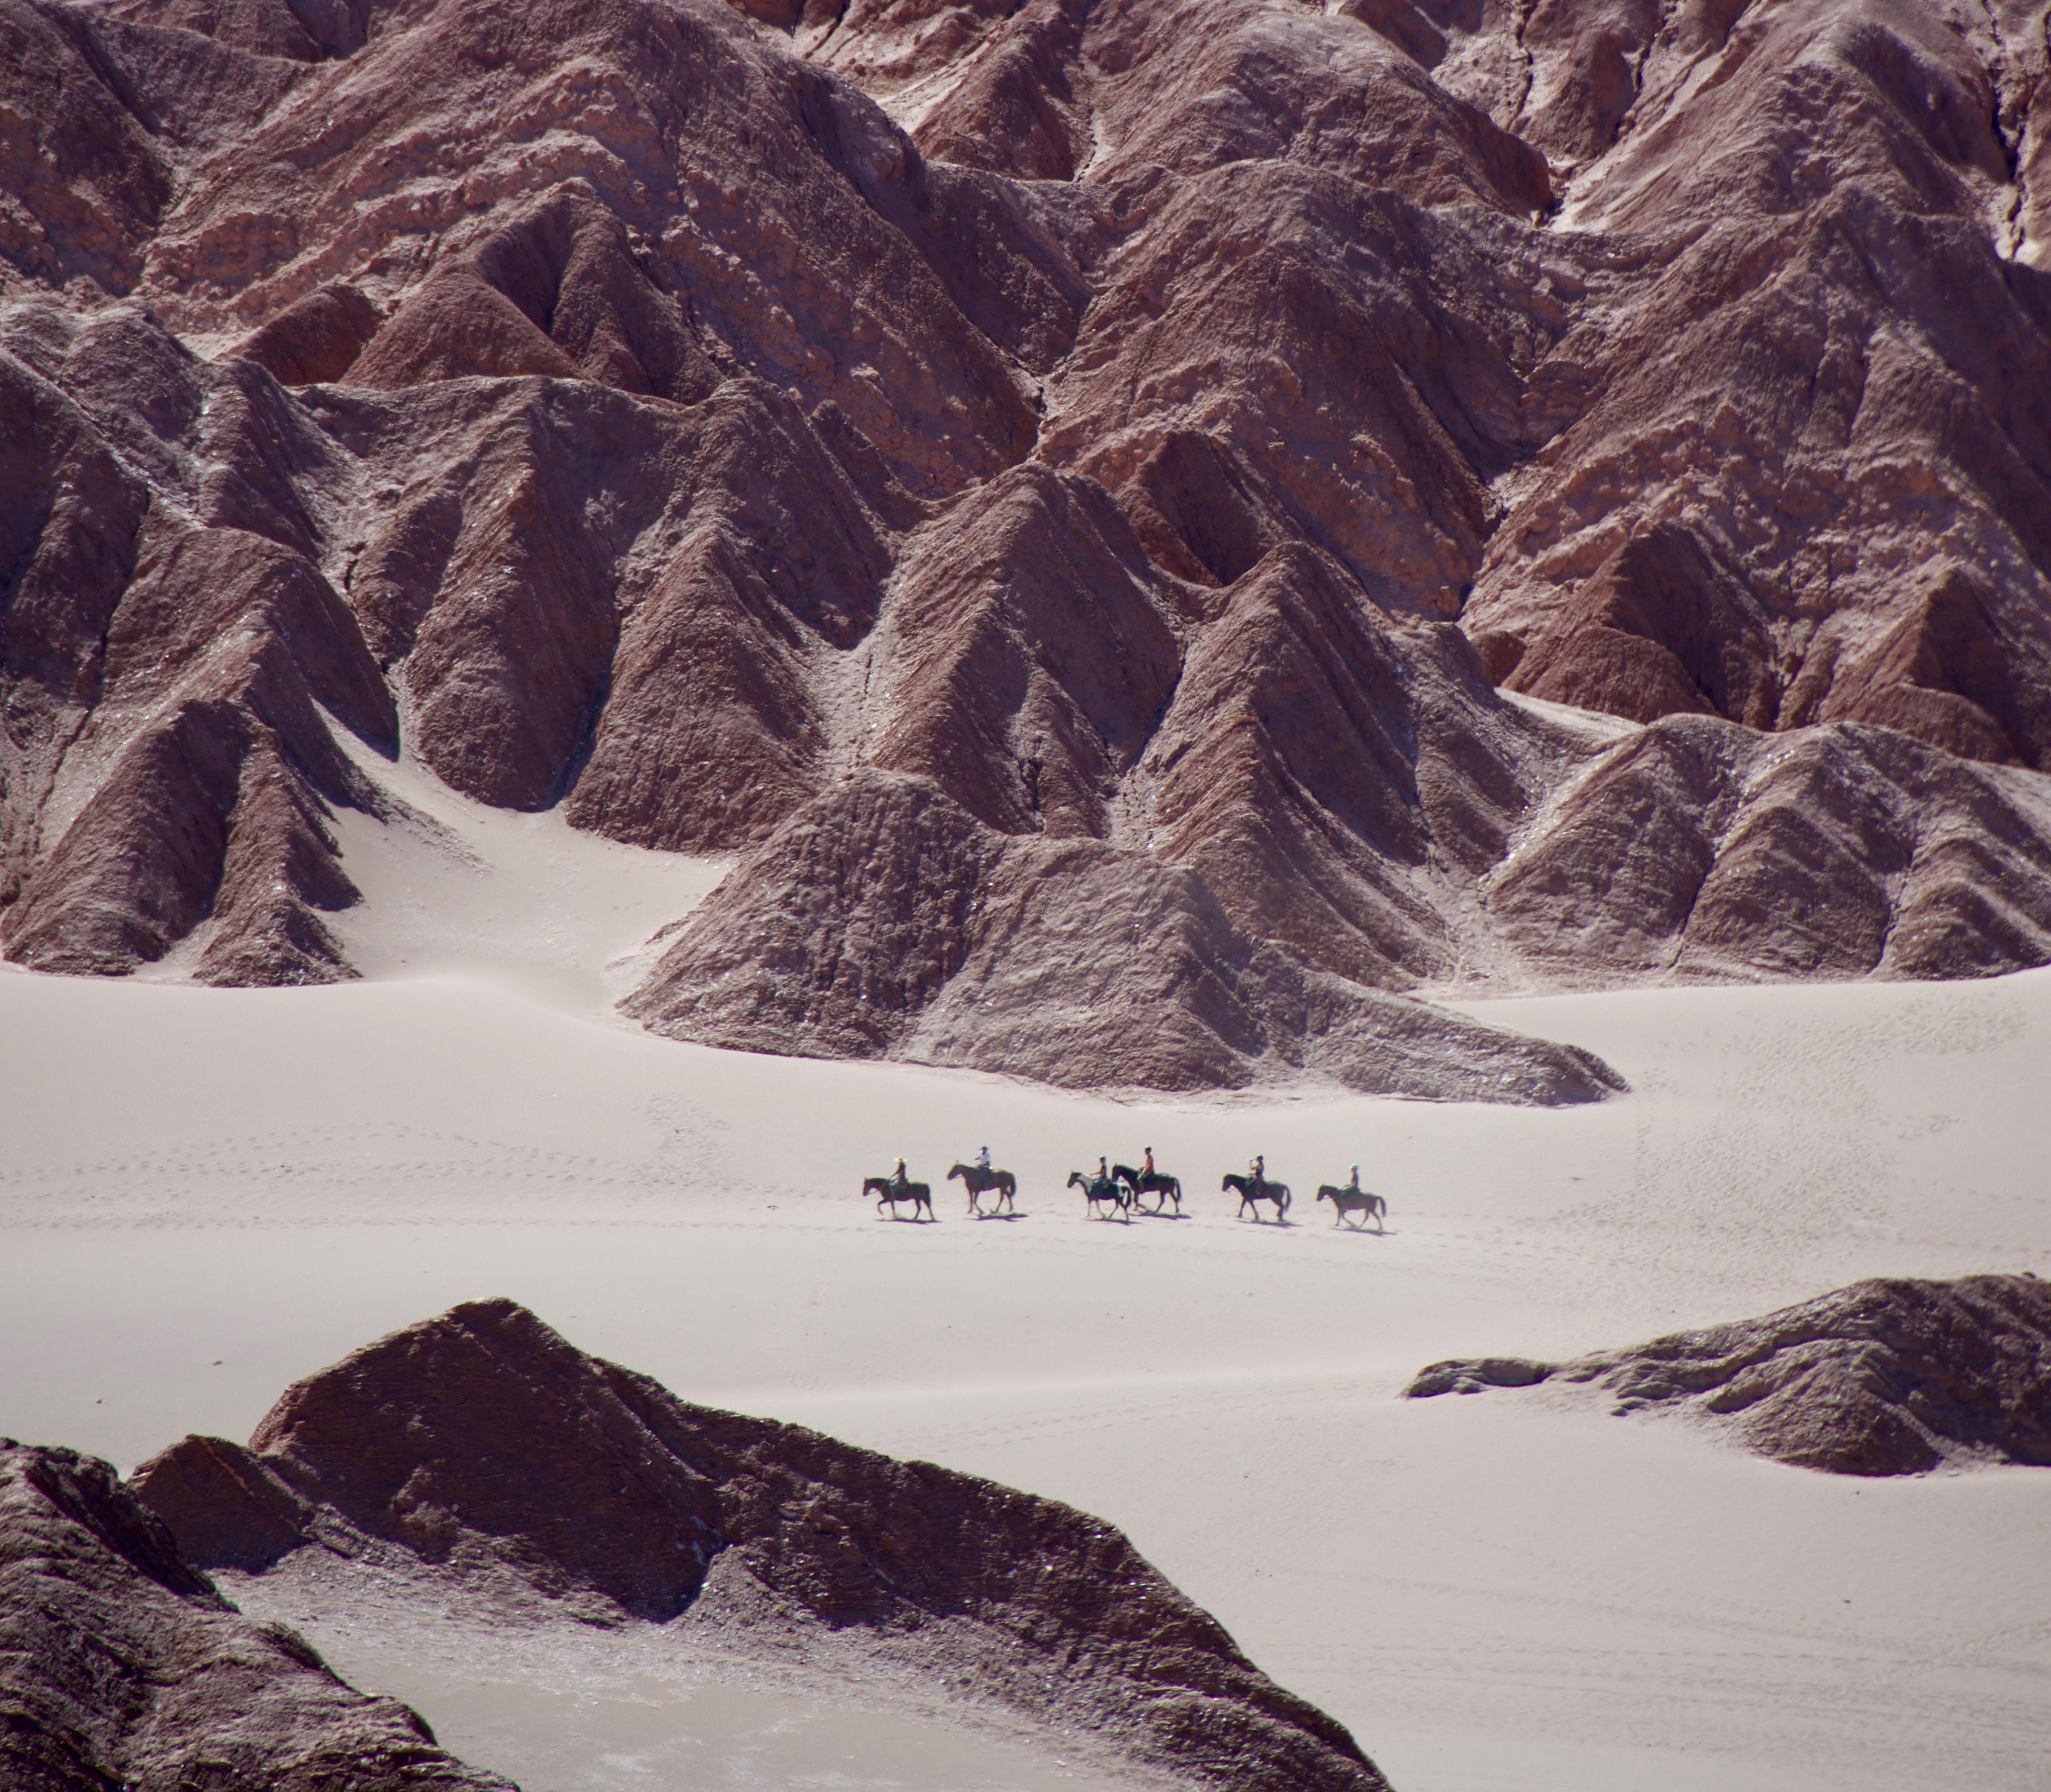 Demeyer Helen Atacamawoestijn Chili Reizen2